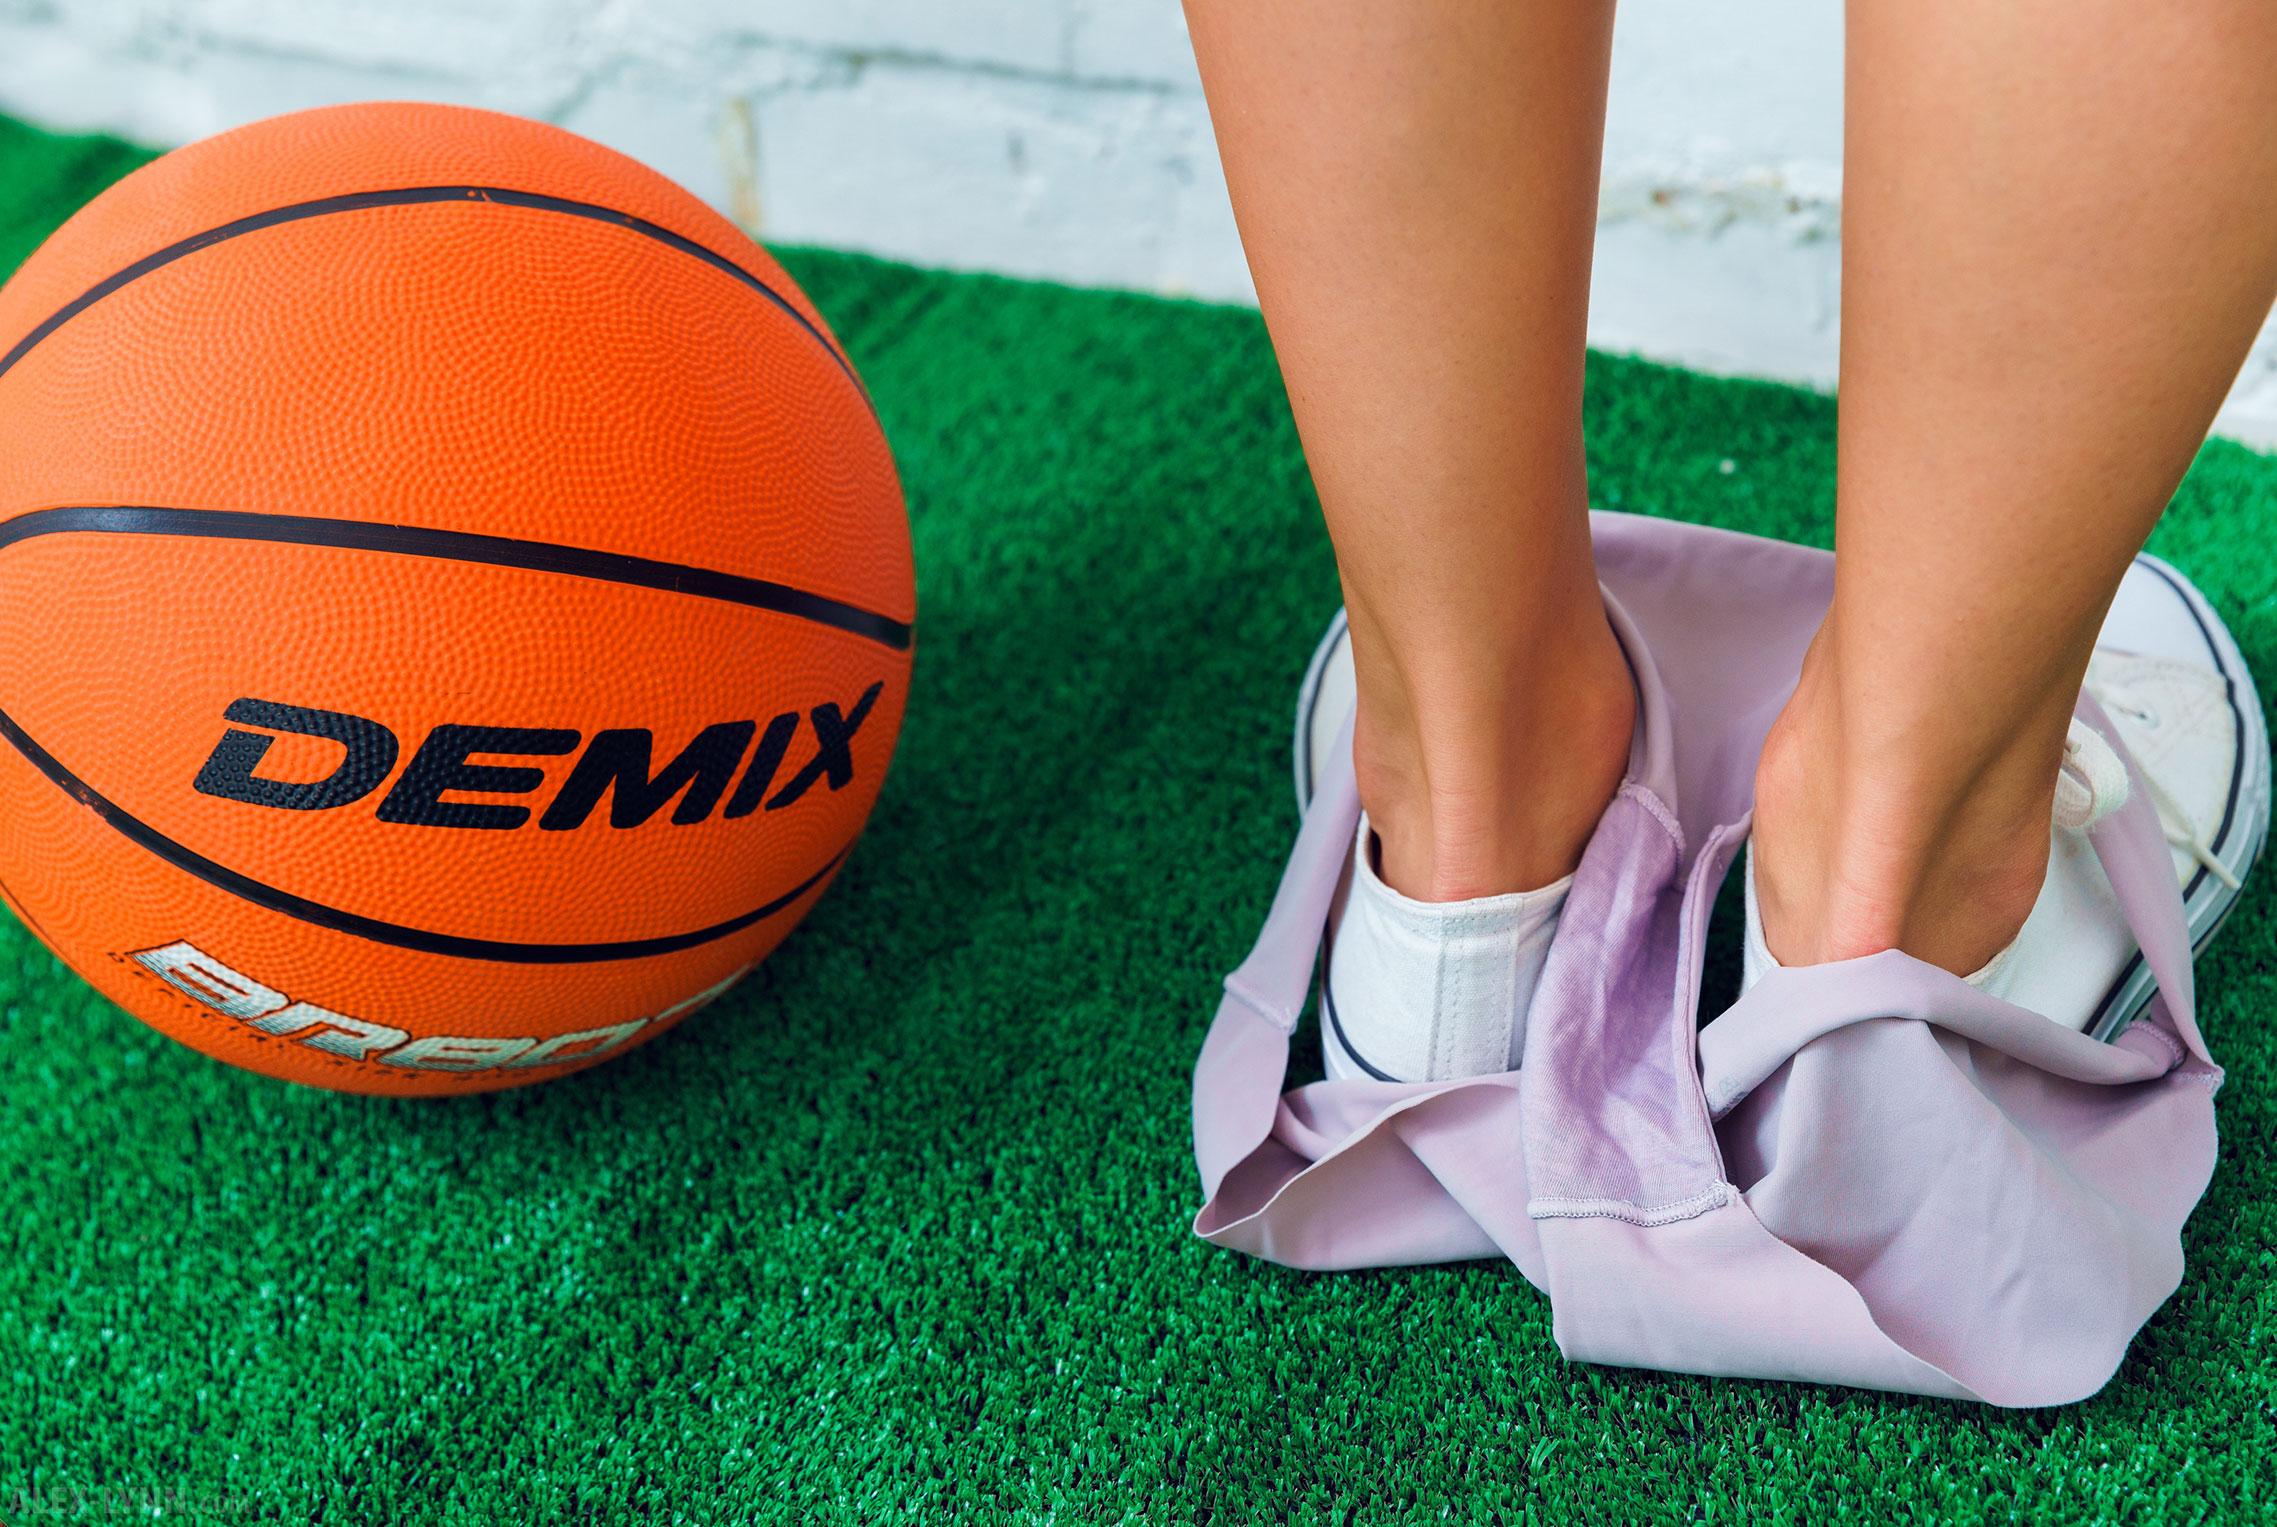 Играем в баскетбол красиво / голая Наталья Войнар с баскетбольным мячом / фото 11